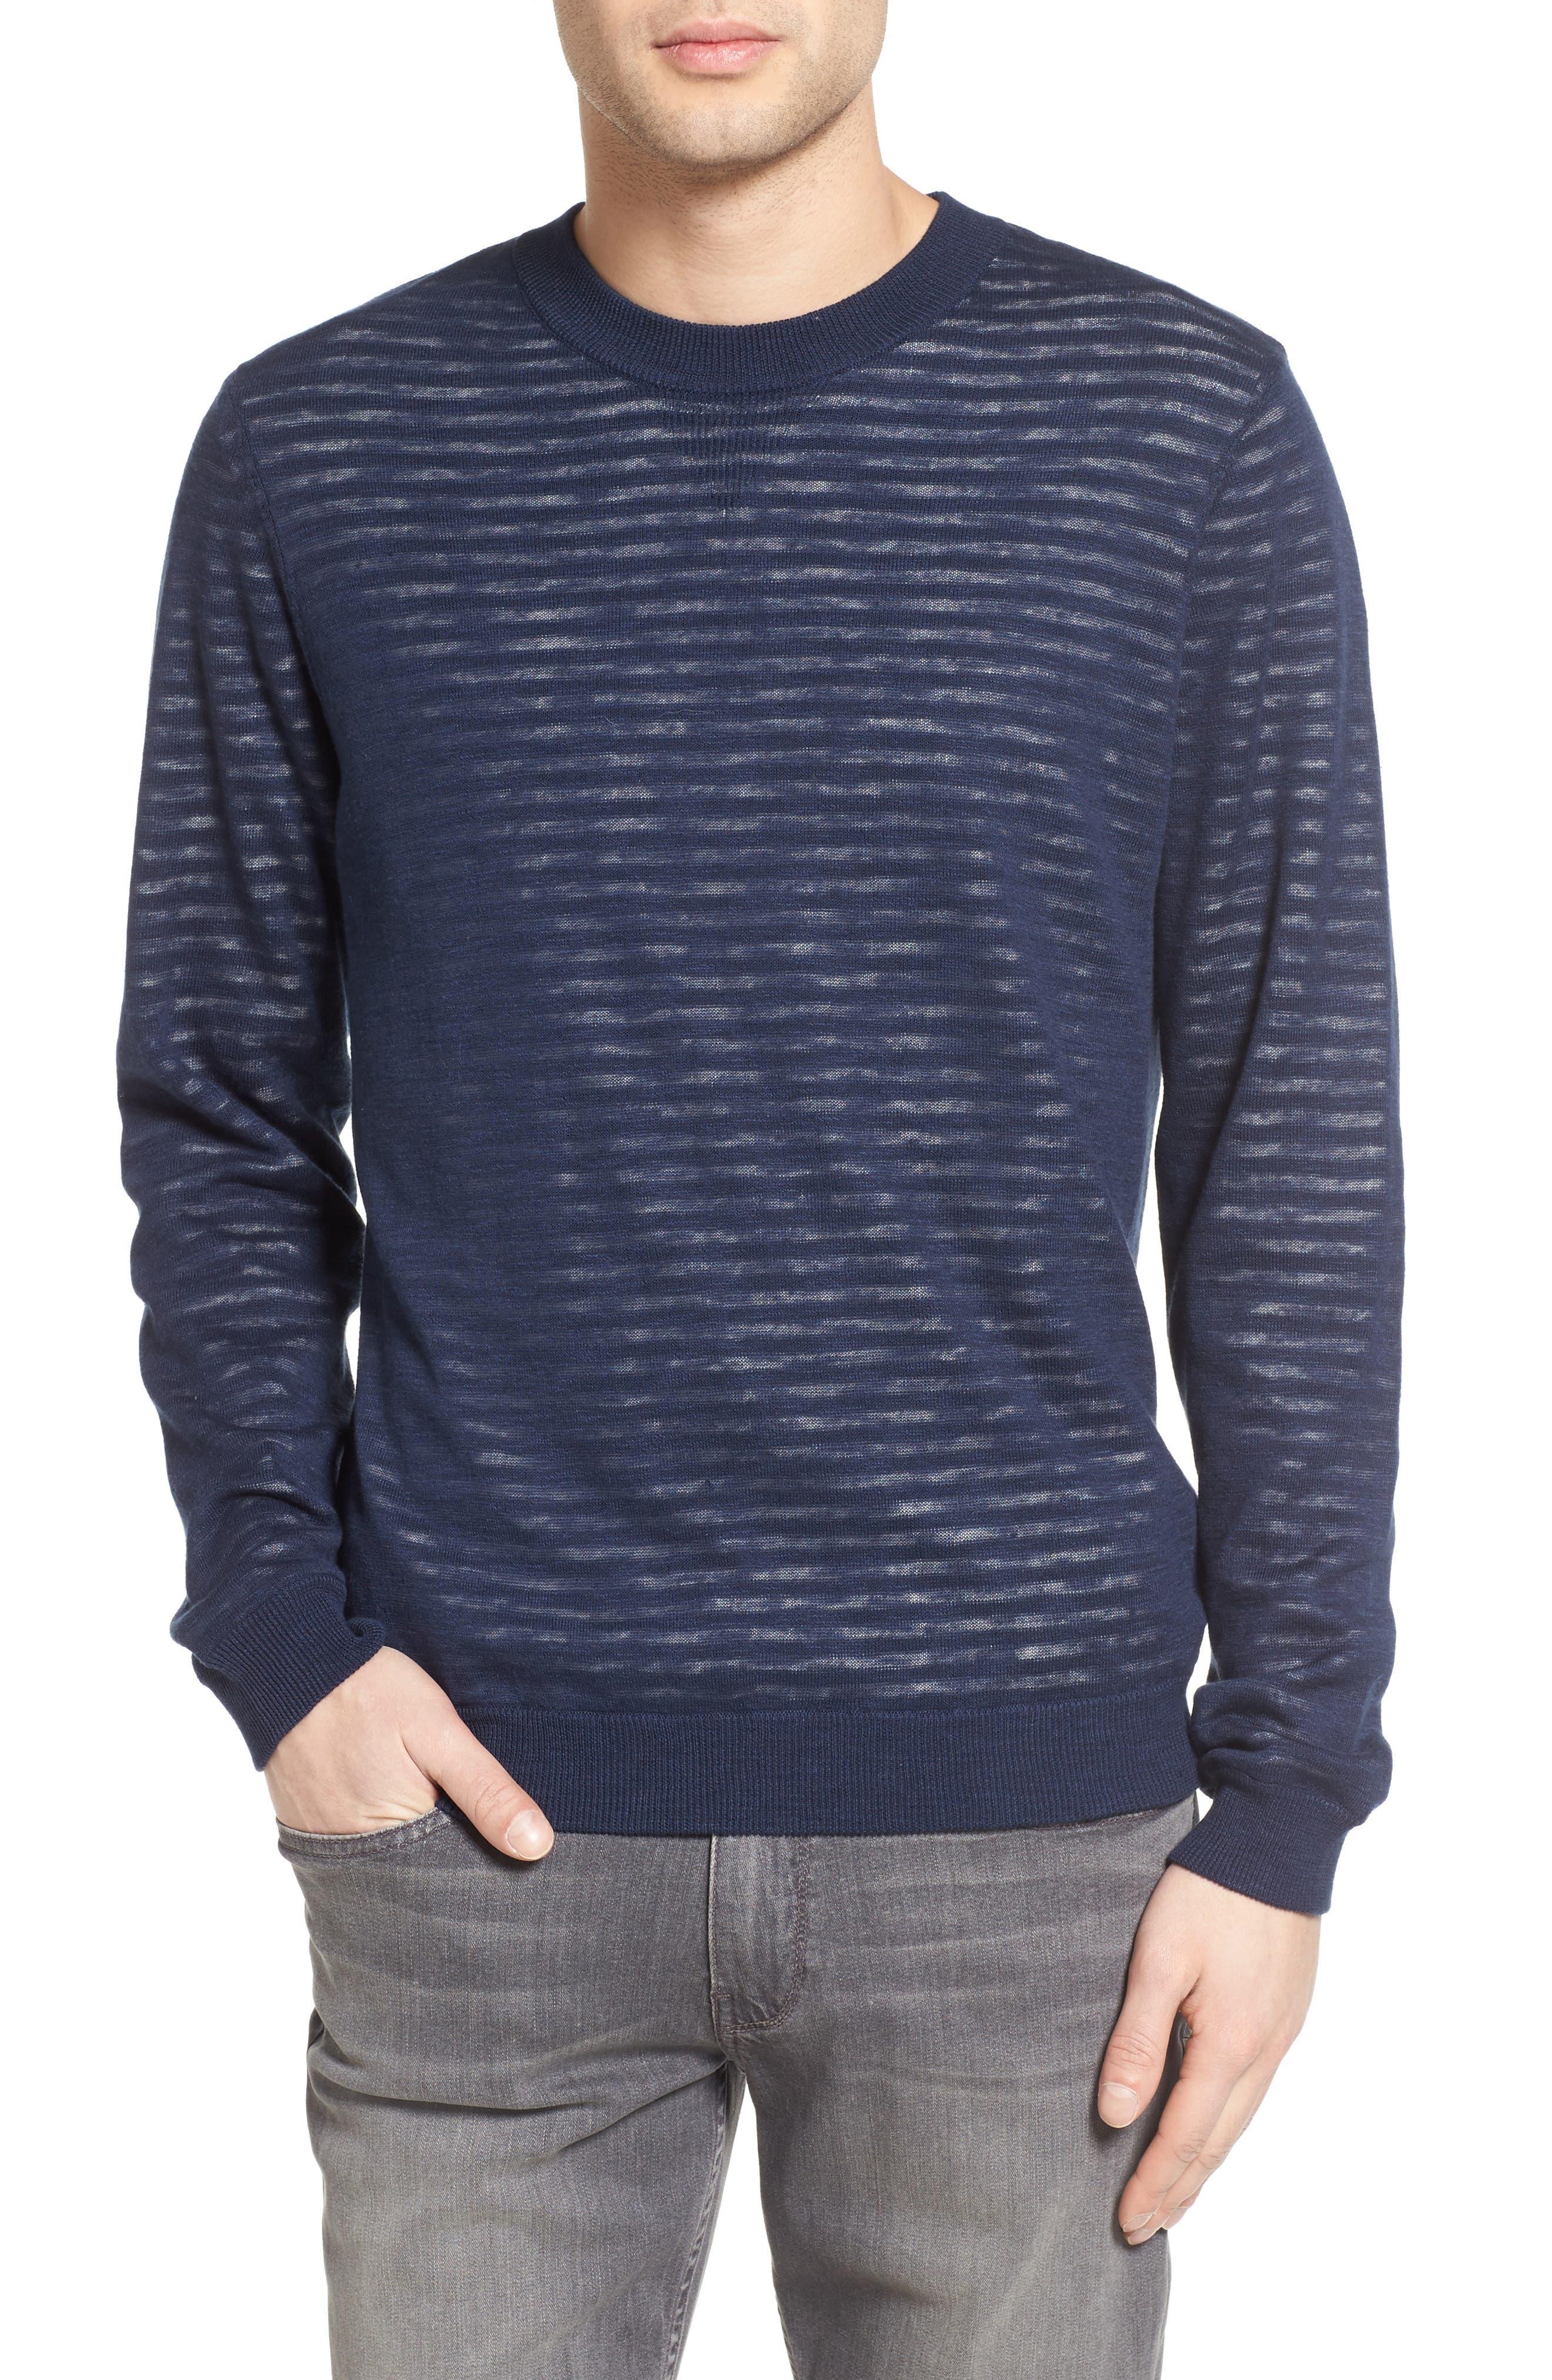 Luca Reversible Cotton & Linen Pullover,                         Main,                         color, Turbid Stripe Night Sea/ White